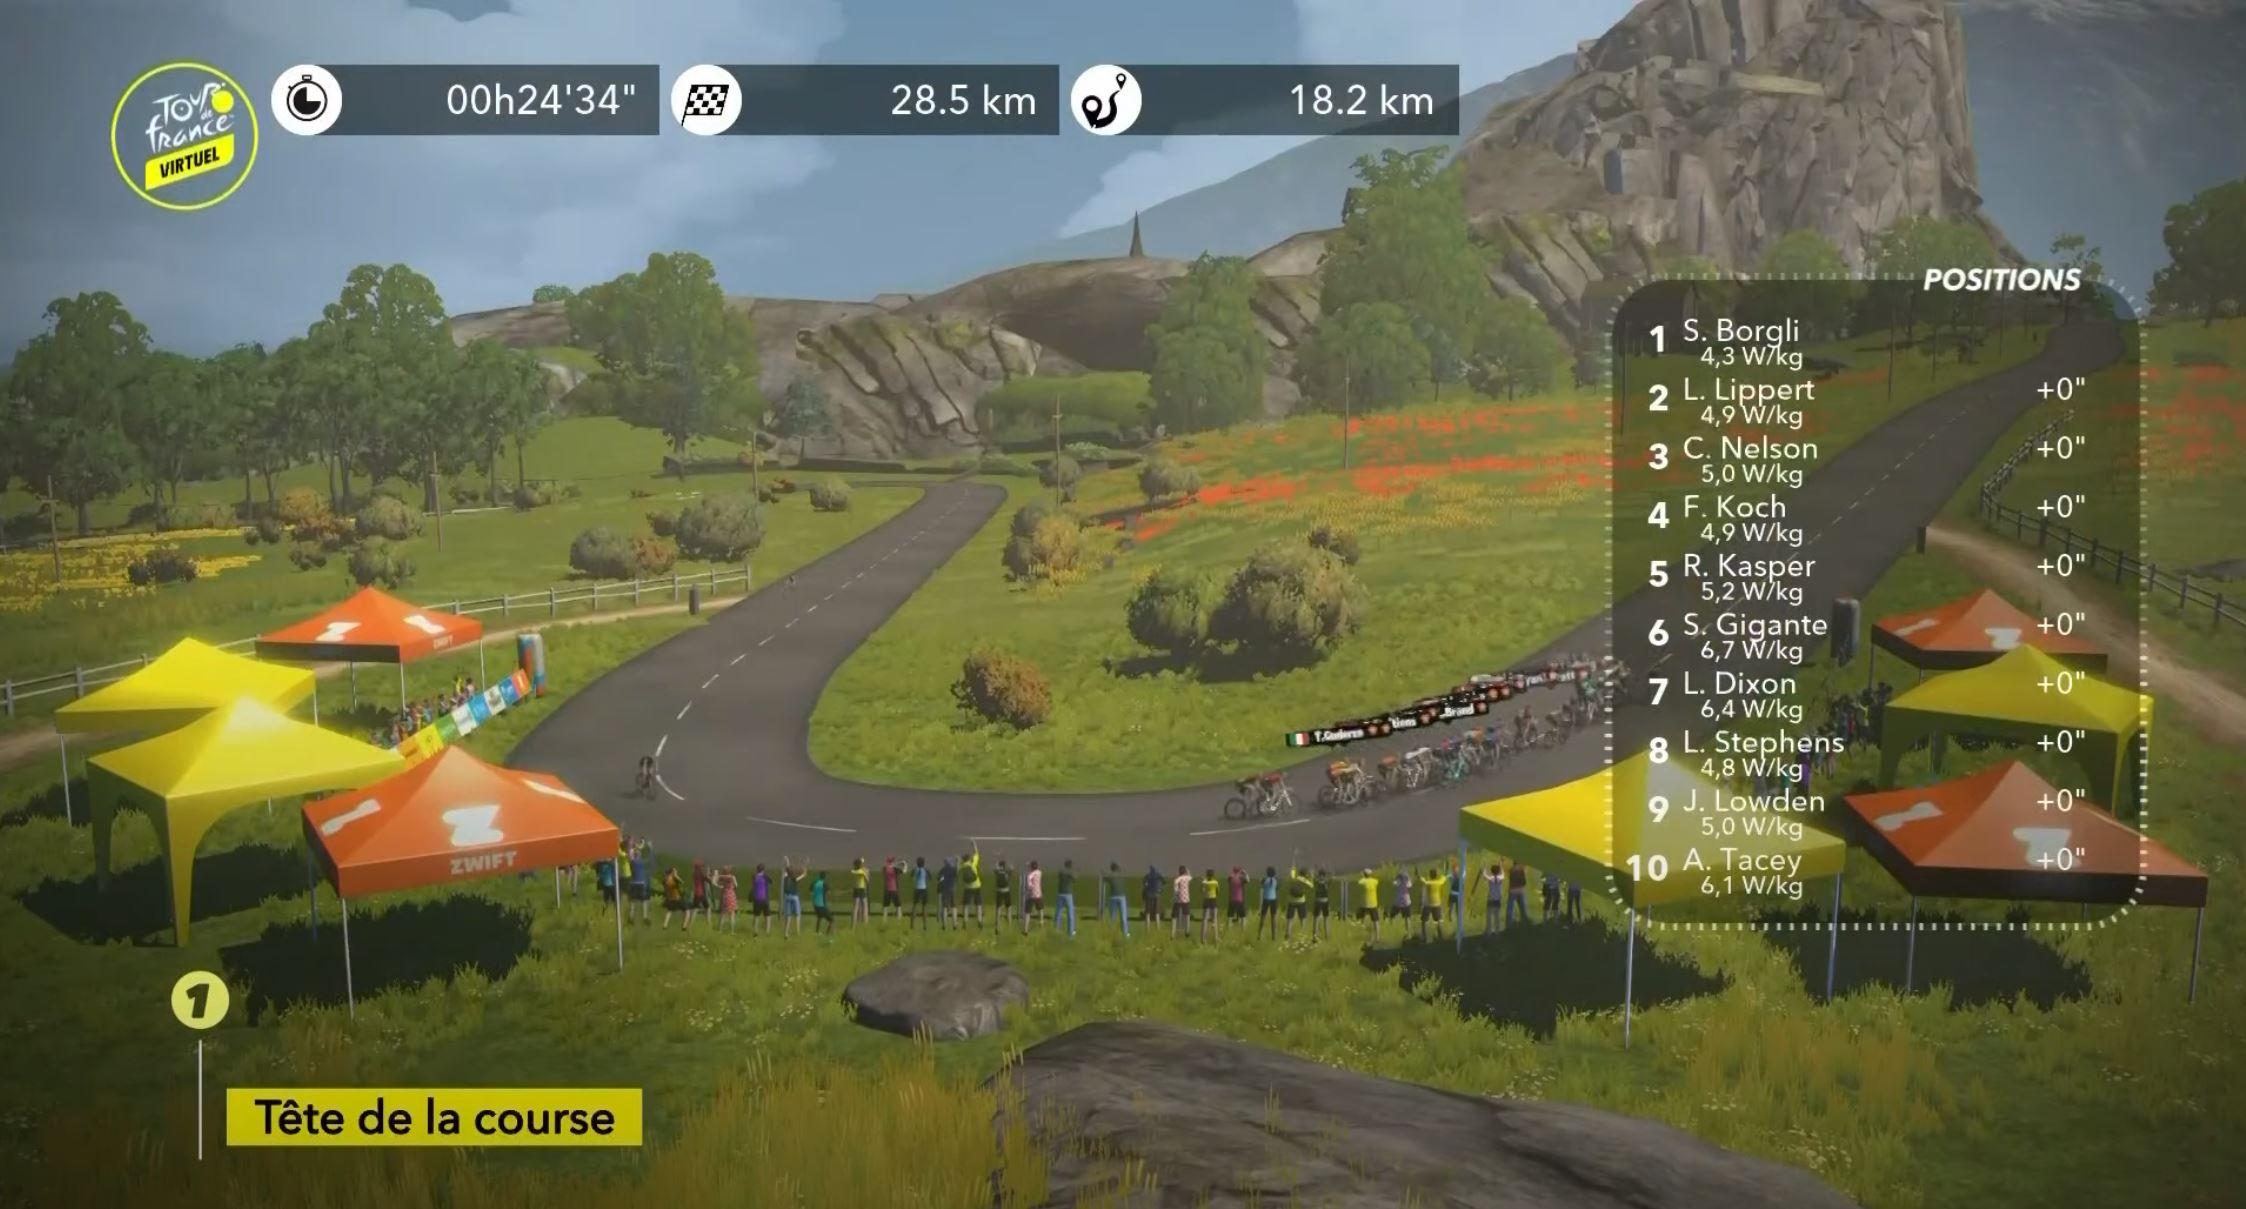 Virtual Tour de France